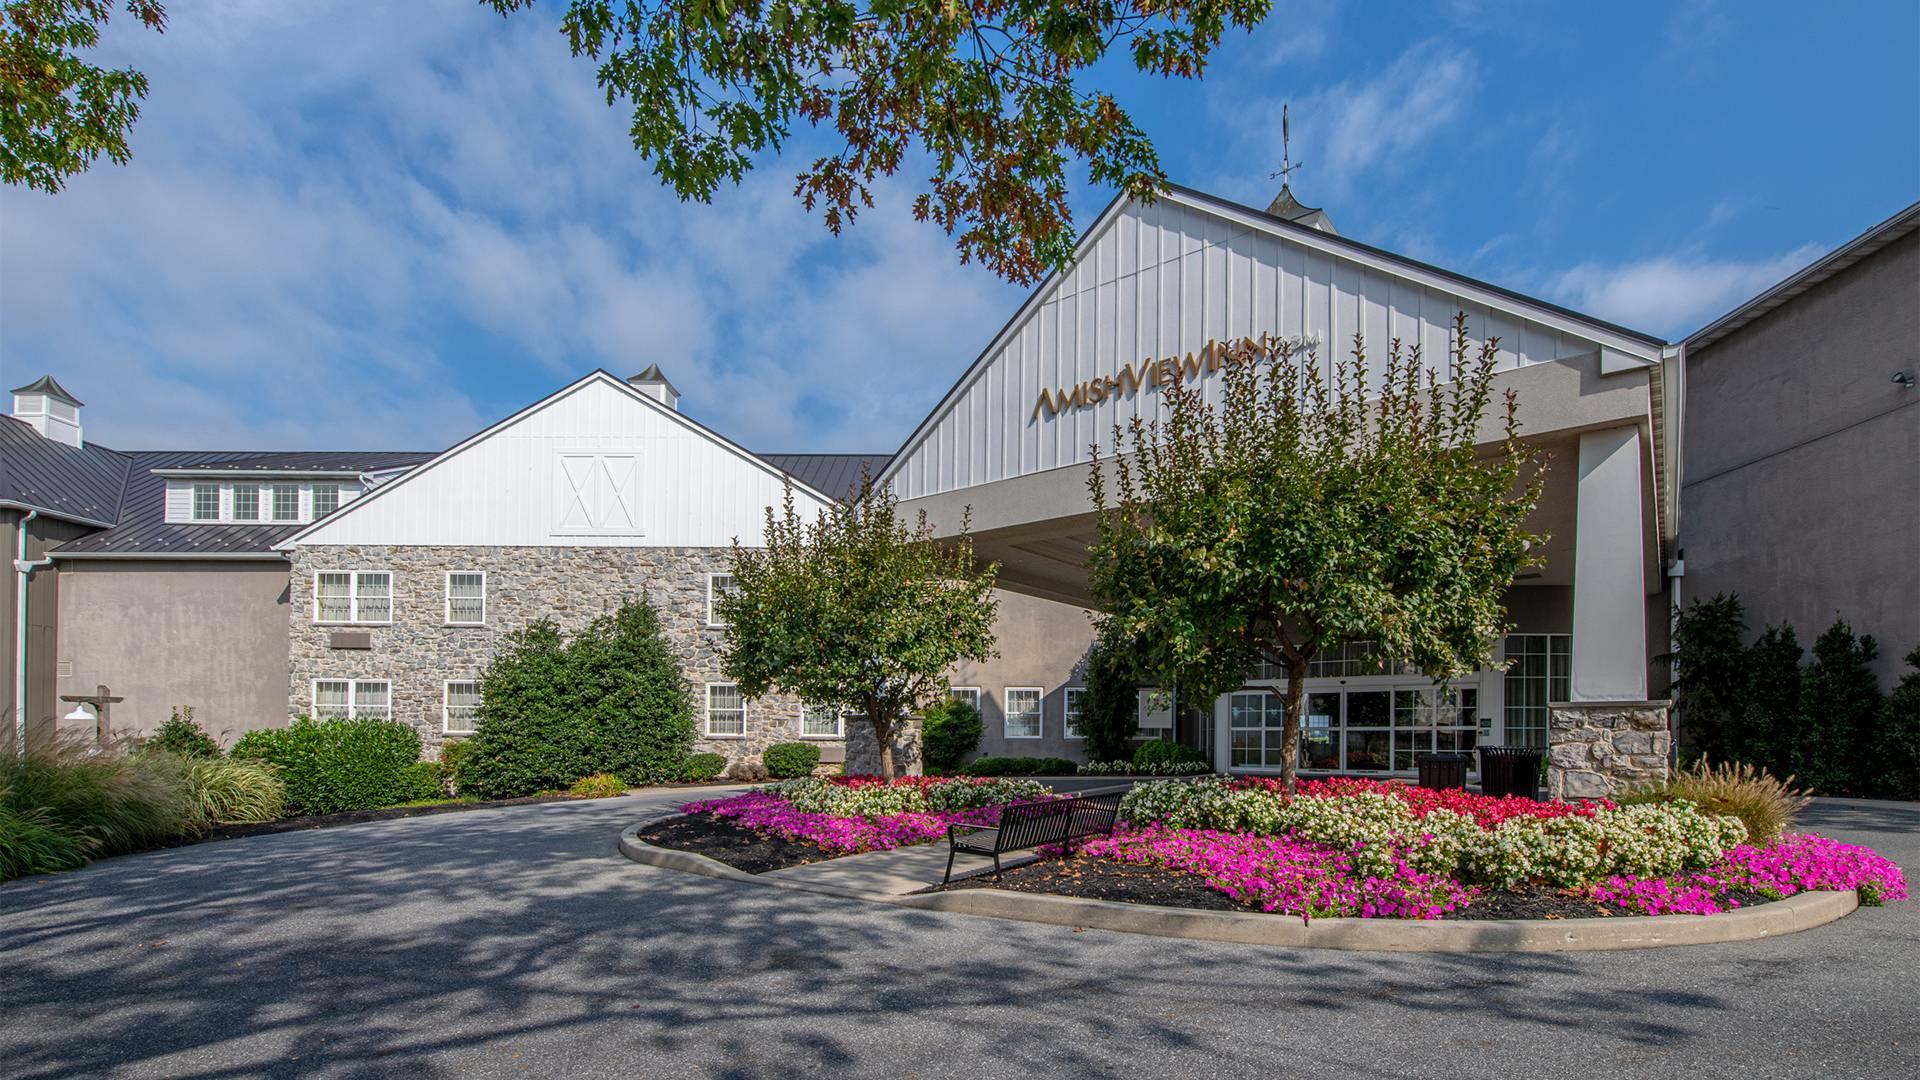 AmishView Inn & Suites exterior